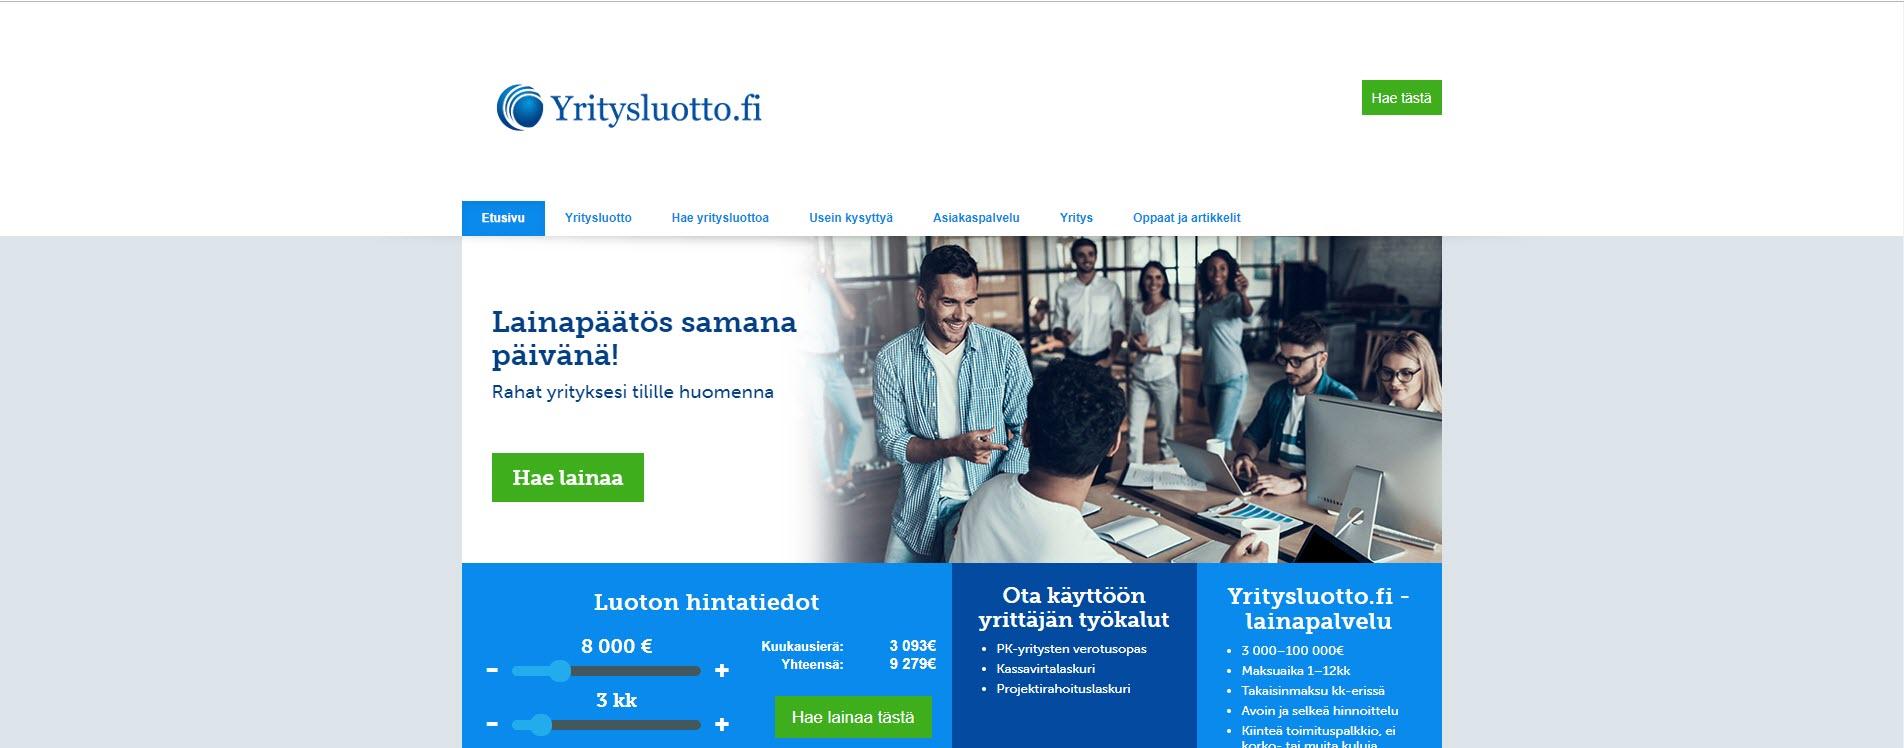 Esittelyssä Yritysluotto.fi:n kiinteähintainen yrityslaina